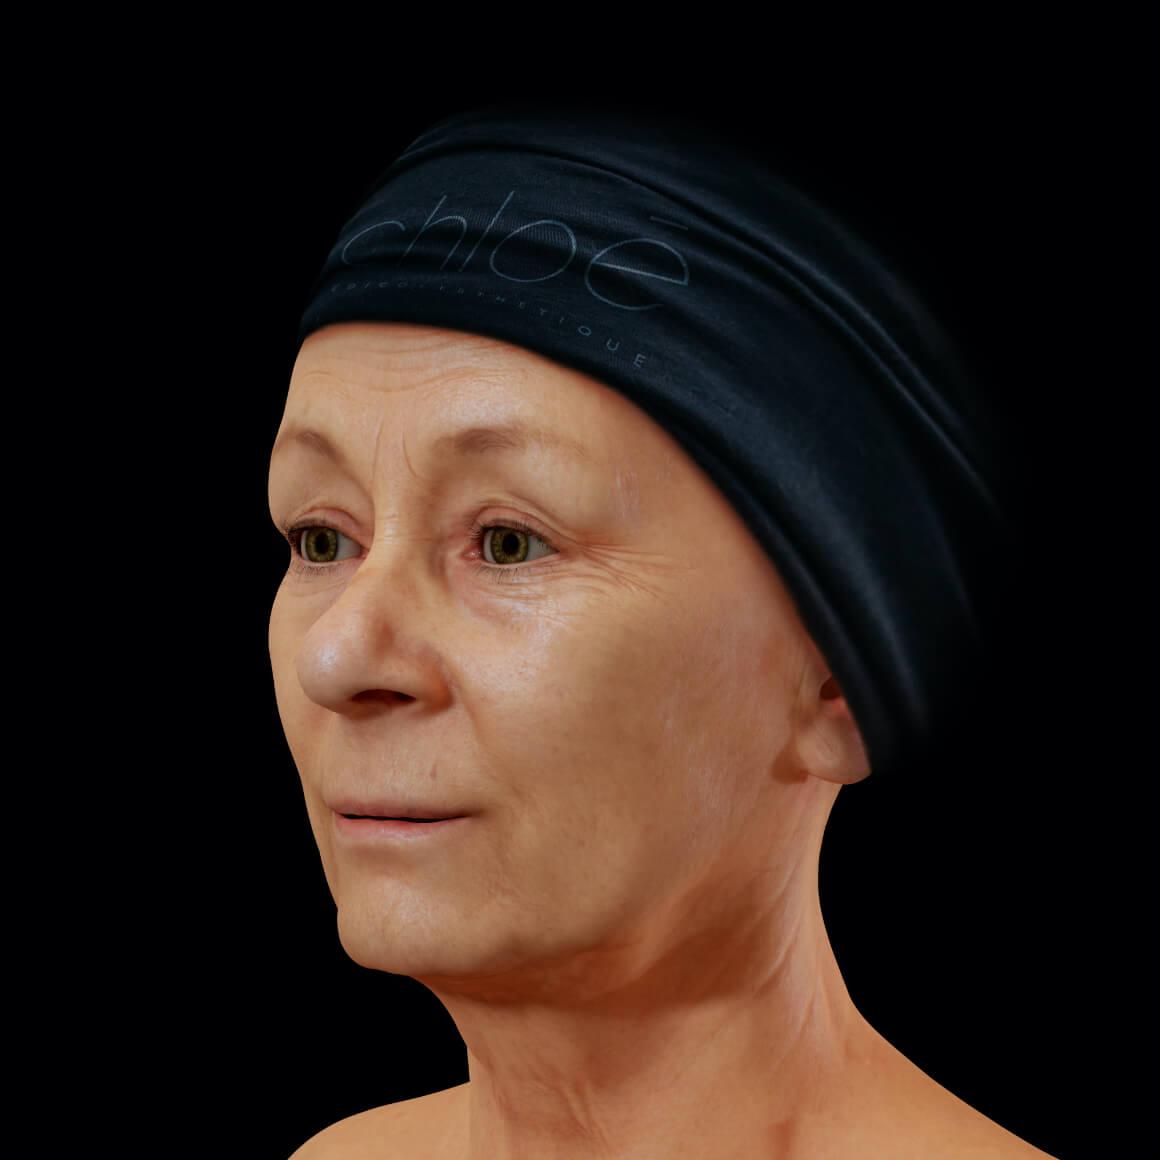 Femme patiente à la Clinique Chloé positionnée en angle démontrant des rides et ridules au niveau du visage